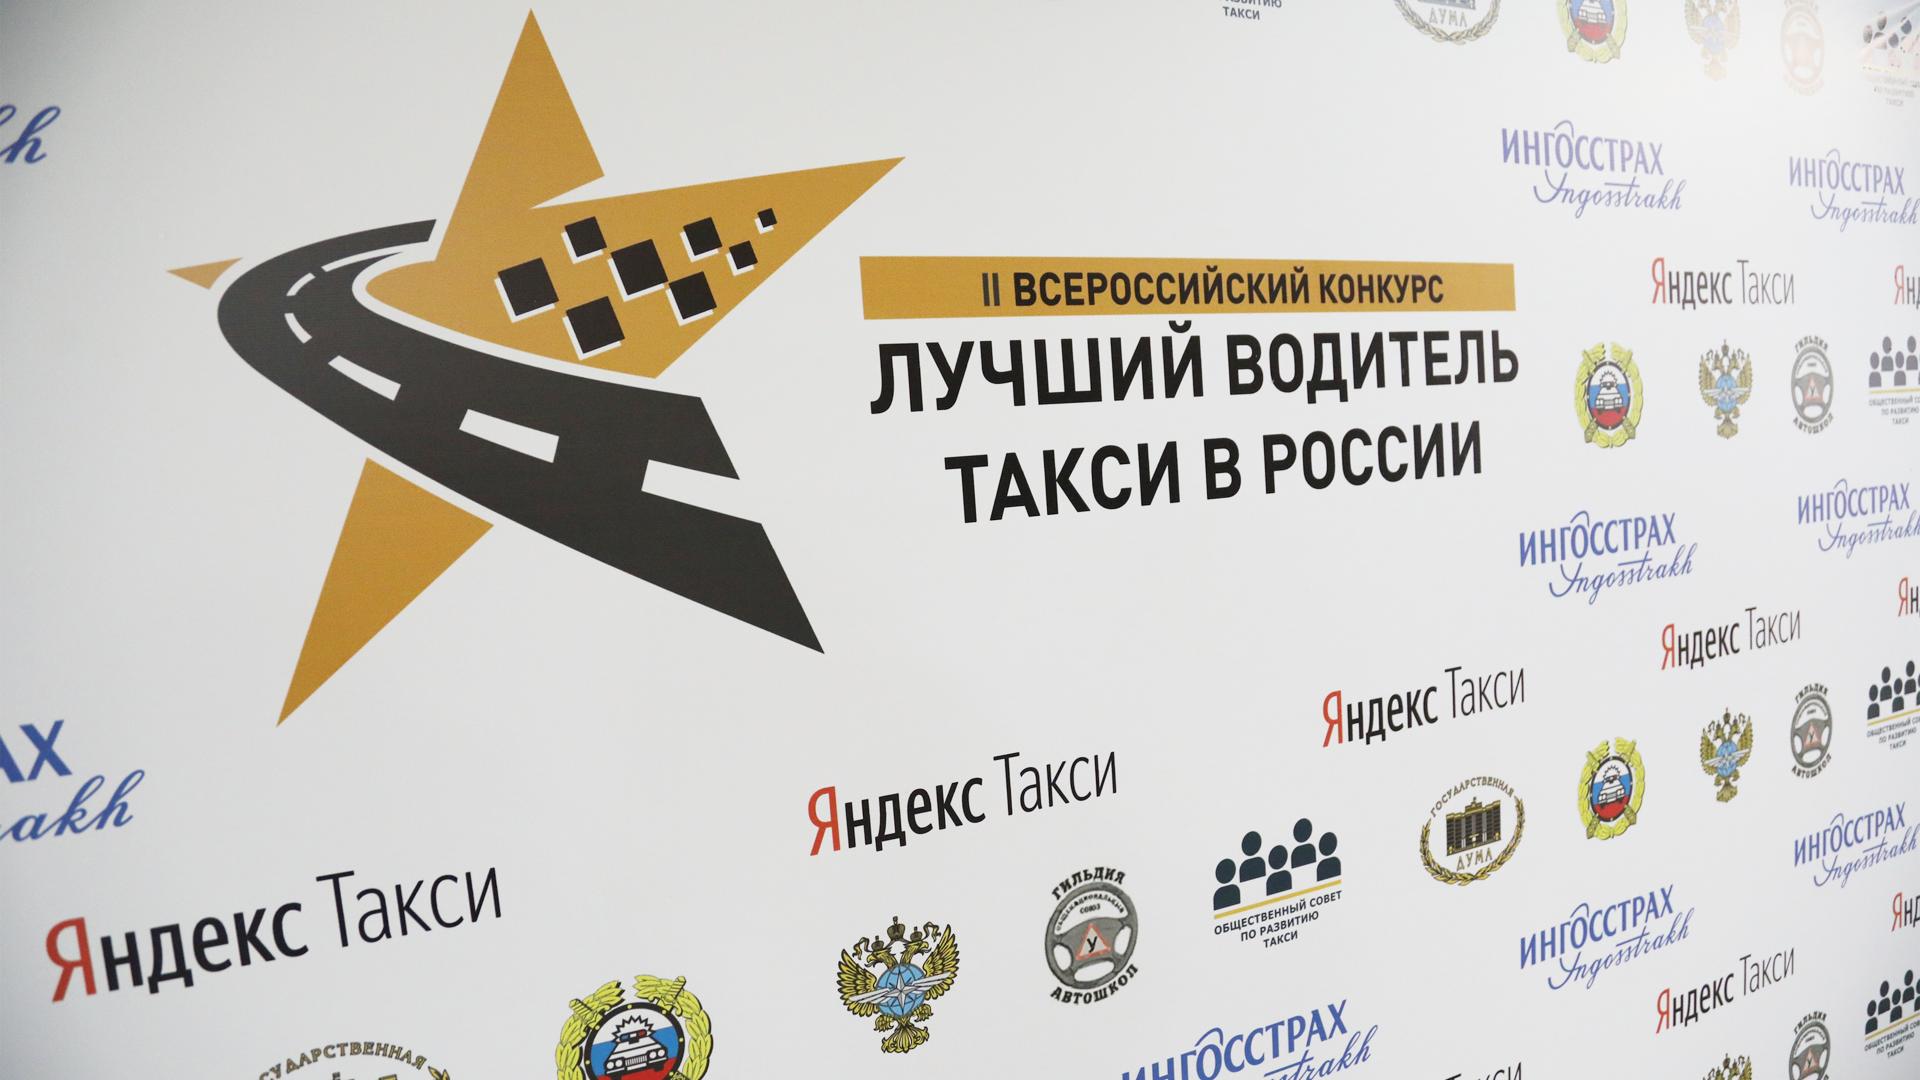 Анонс и расписание конкурса «Лучший водитель такси в России — 2020» в Новосибирской области